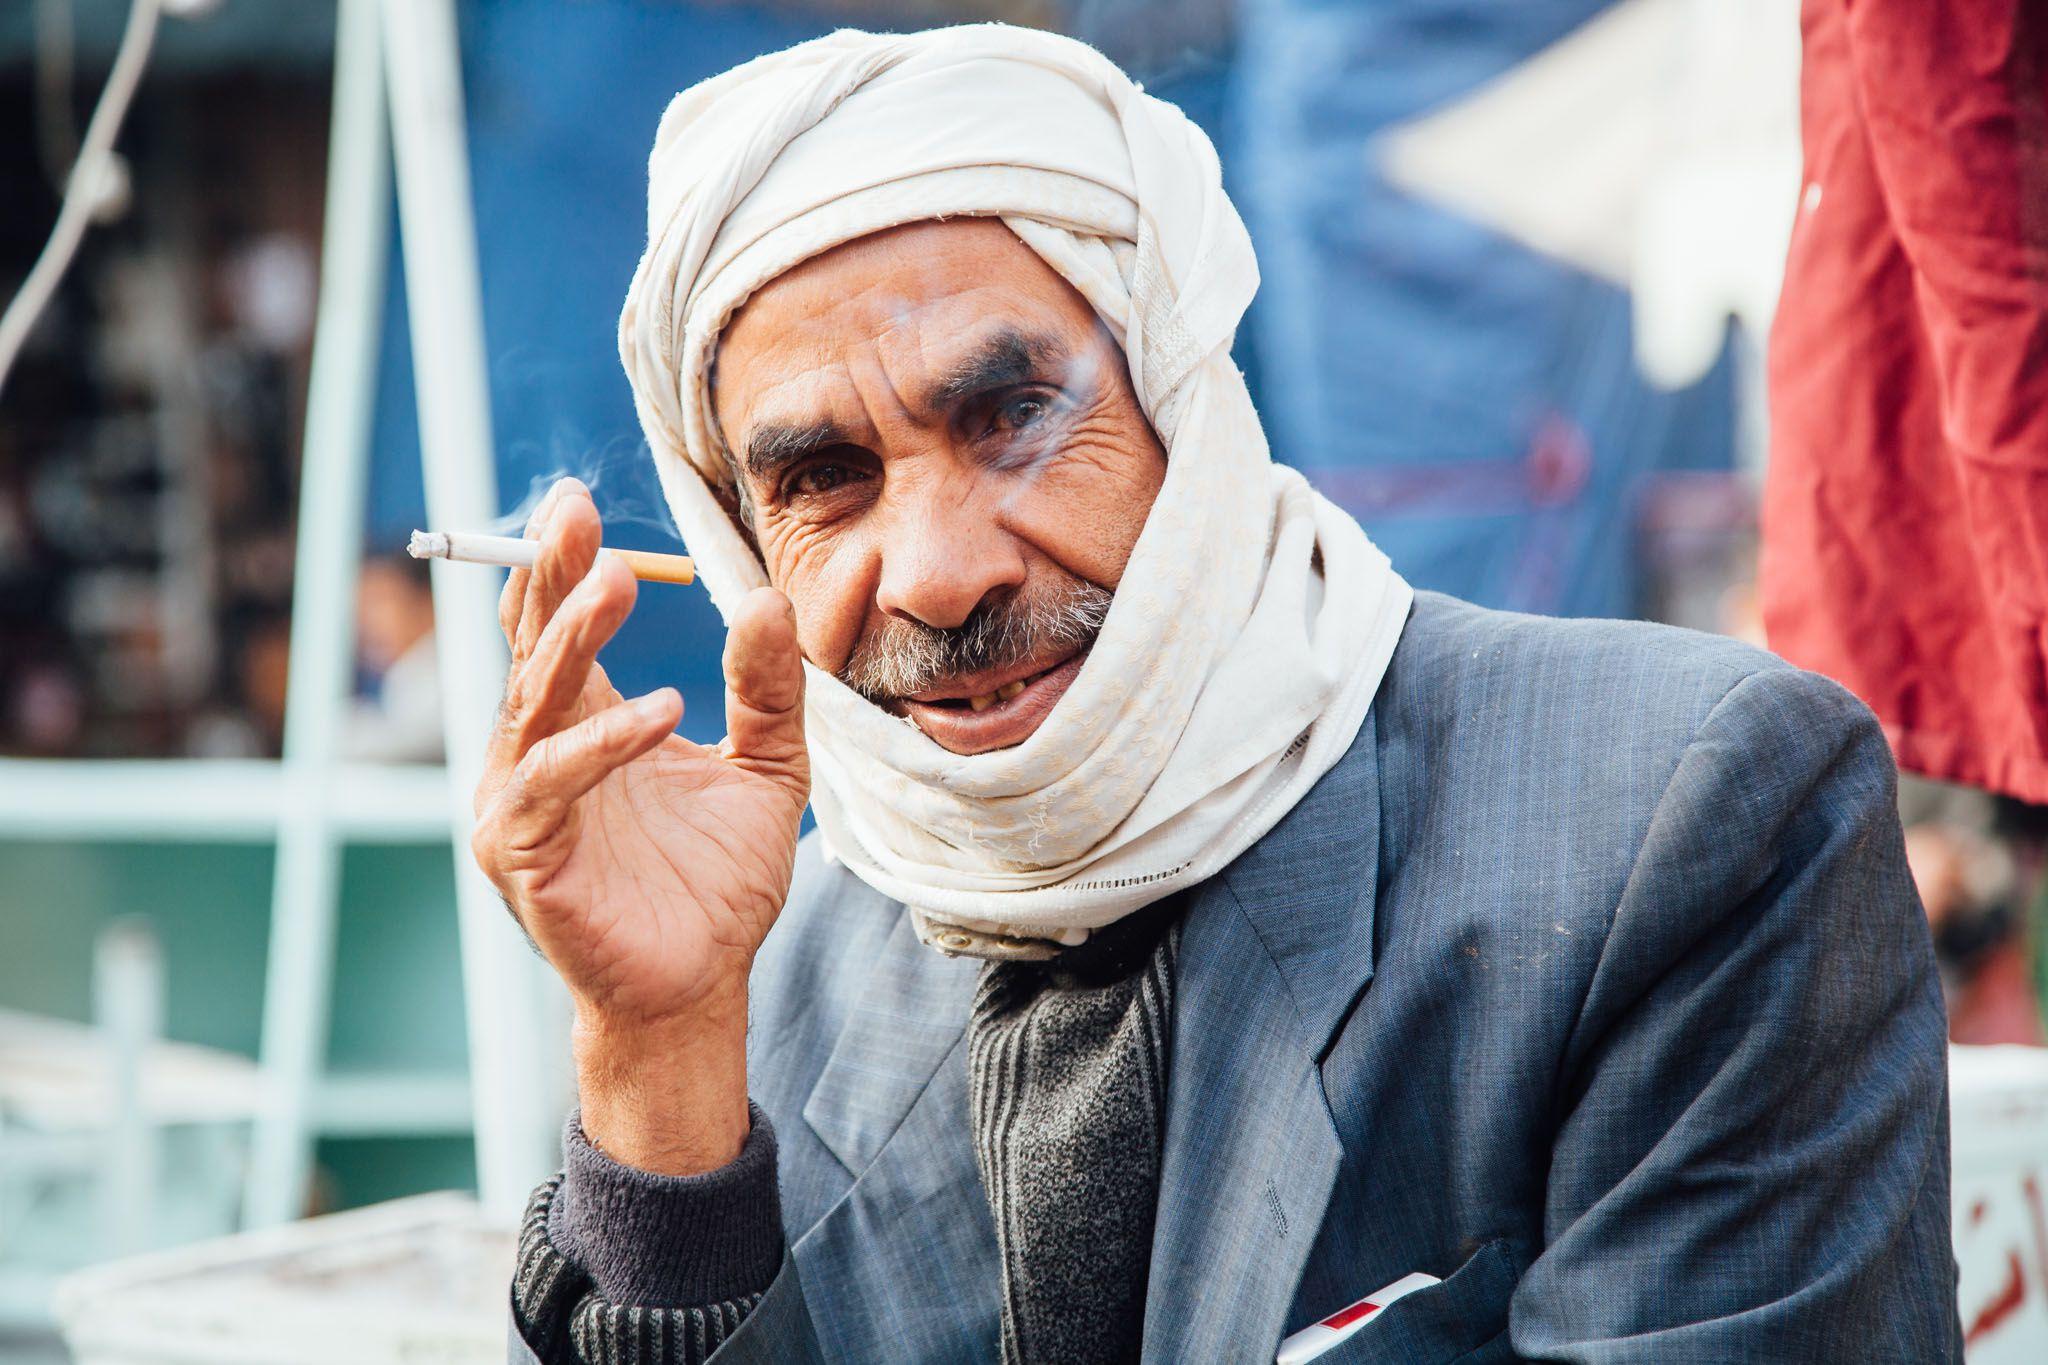 jemen-raucher